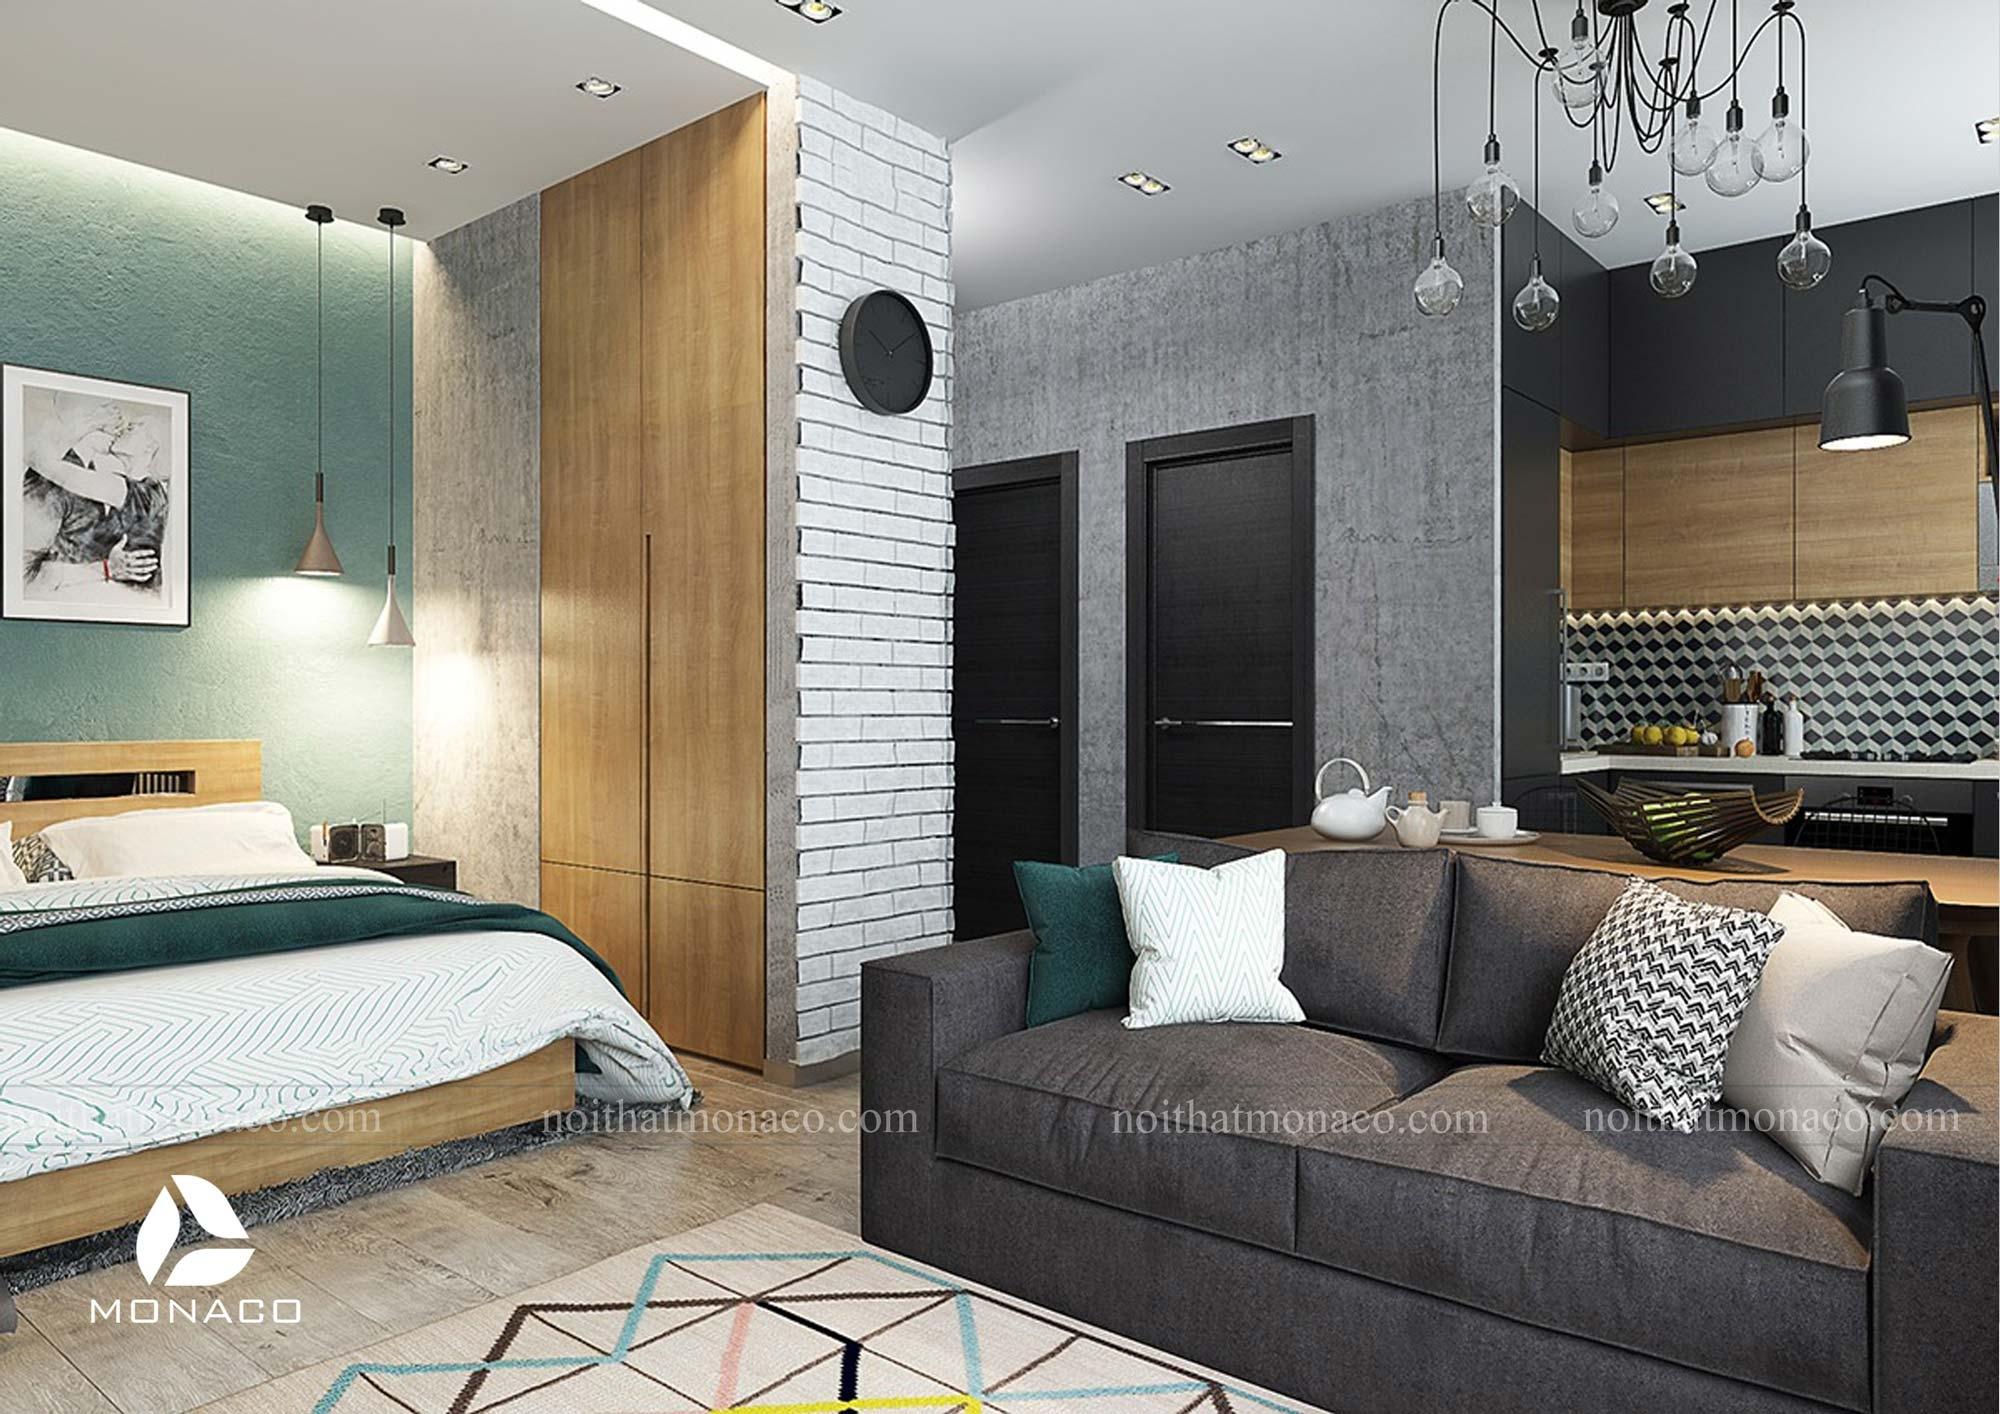 Thiết kế căn hộ Vinhomes Smart City 50m2 phong cách hiện đại- anh Mạnh